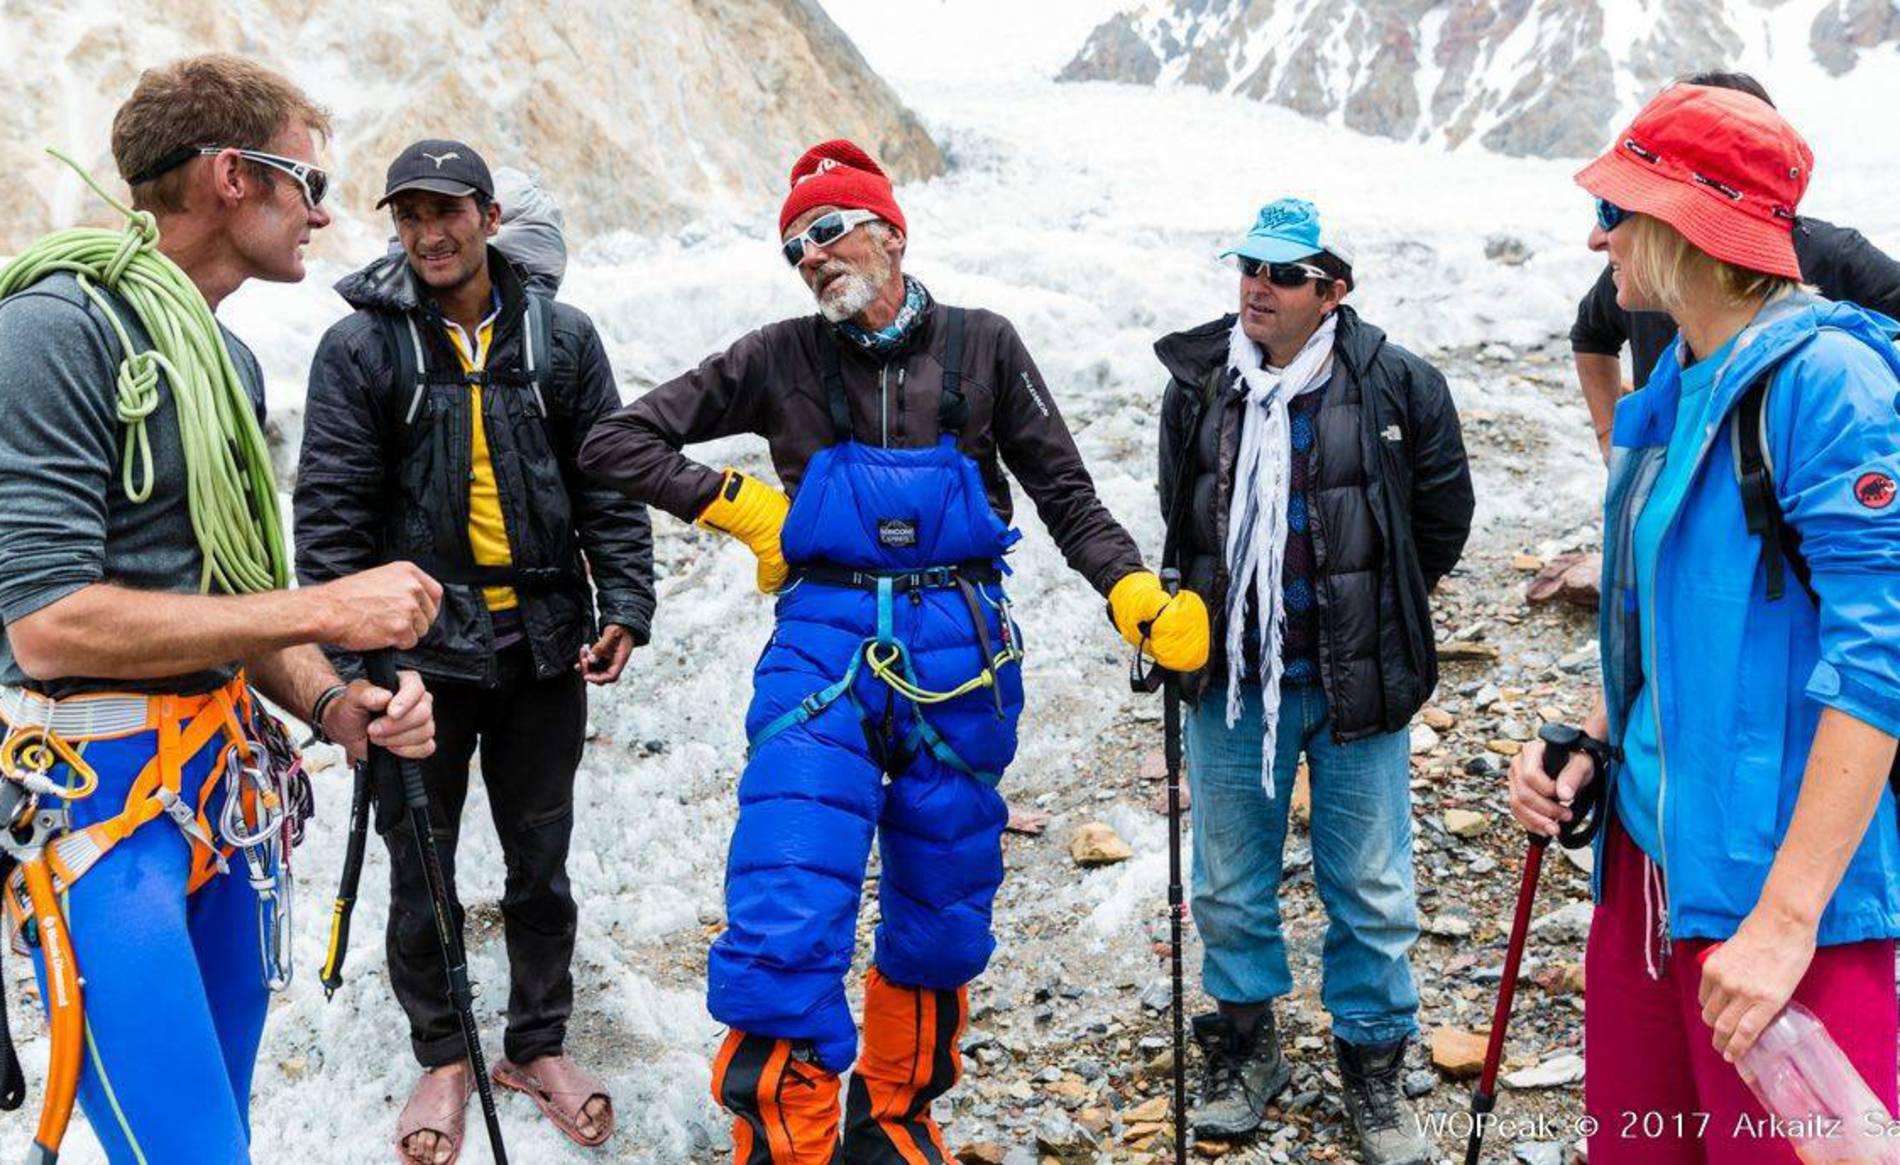 Zabalza, Iñurrategi y Vallejo rescatan a un montañero italiano en el G-II (1/6) - El montañero navarro Mikel Zabalza y sus compañeros Juan Vallejo y Alberto Iñurrategi, que el pasado fin de semana daban por concluido sin éxito su intento de enlazar las cumbre del G-I y G-II, han rescatado al montañero italiano Valerio Annovazzi, que llevaba cuatro días sin poder moverse del Campo 3 del G-II. - Montaña - ARKAITZ SAIZ / WOPEAK